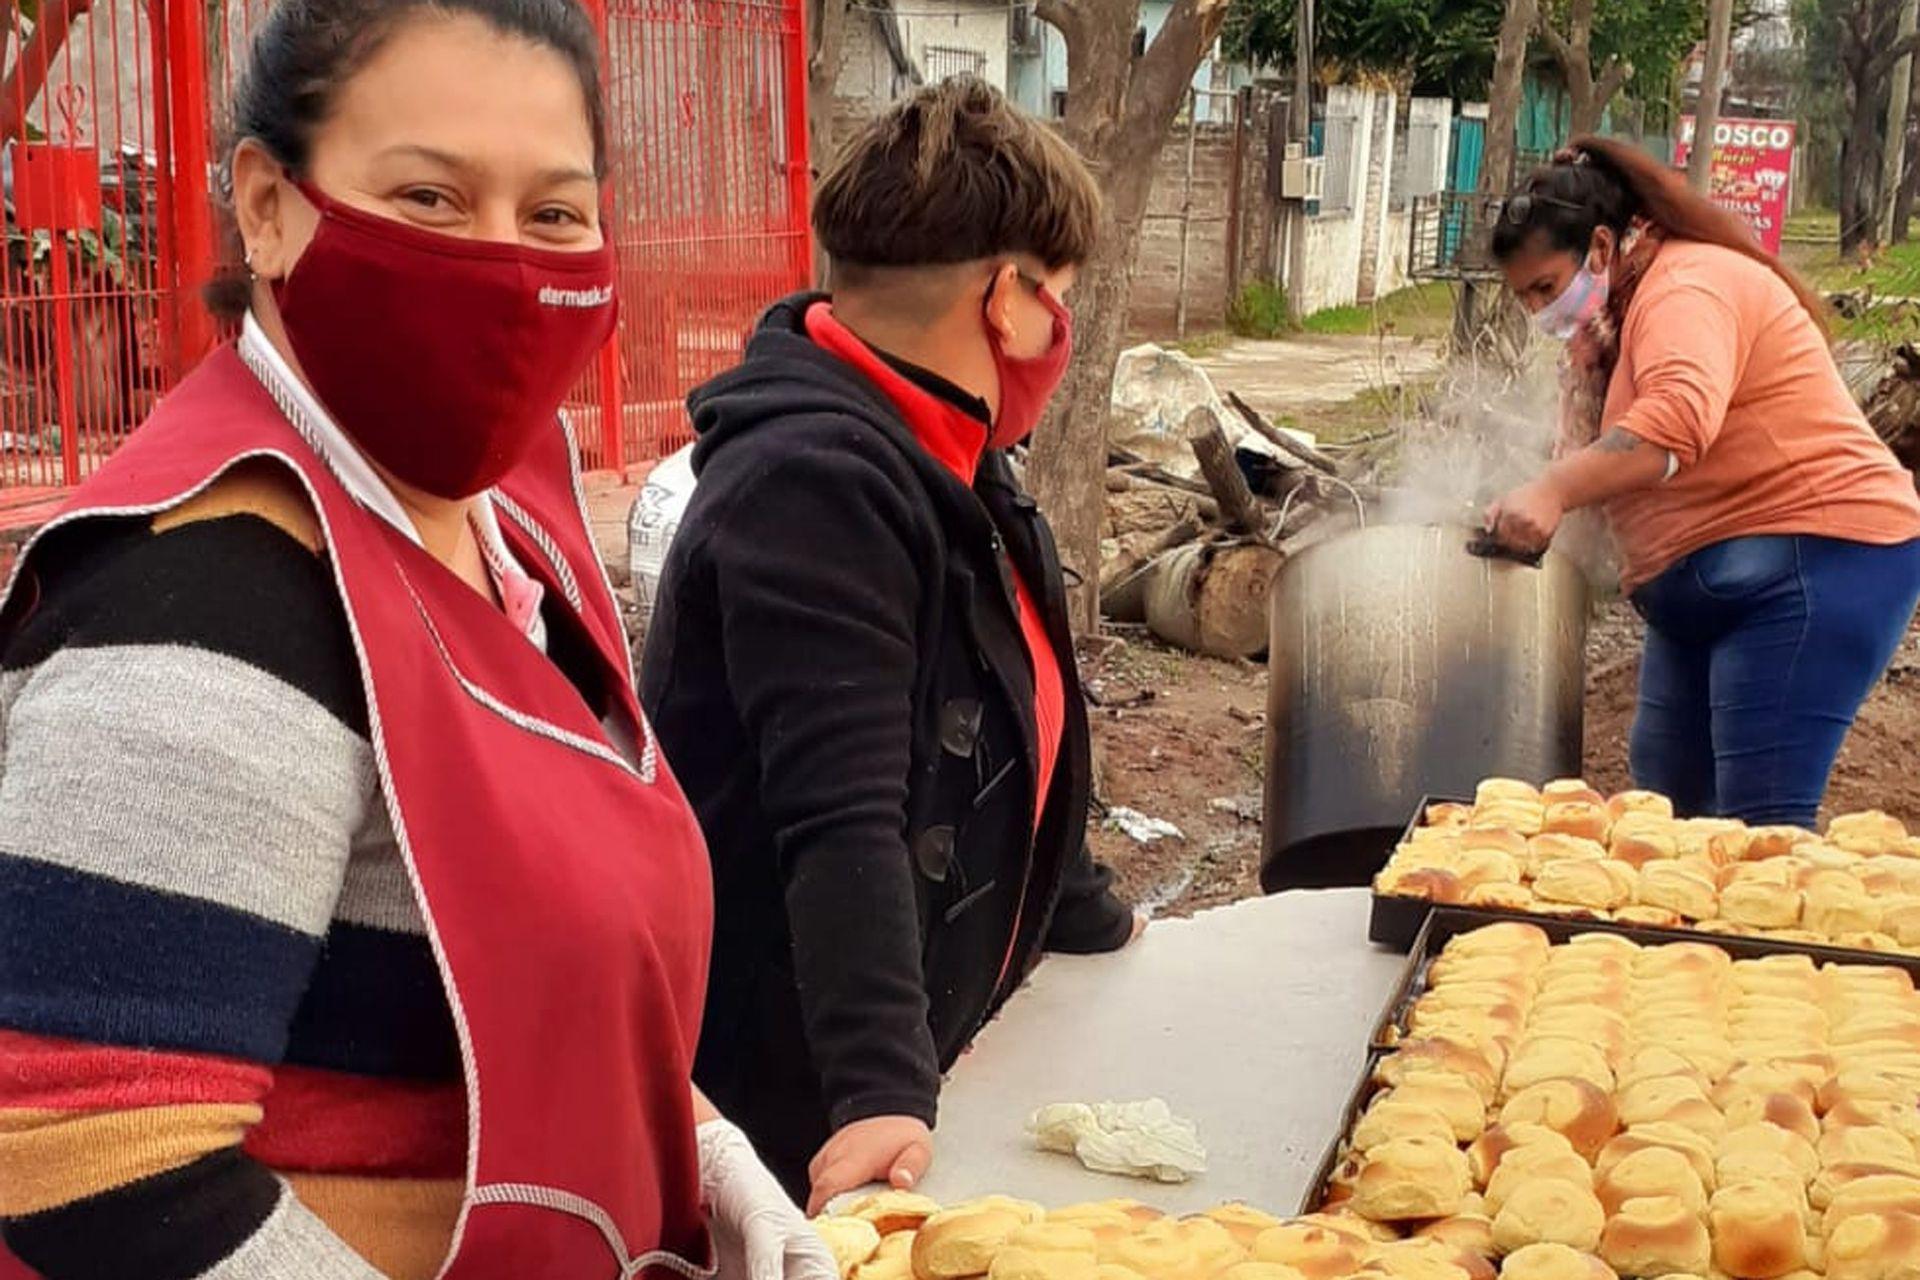 Voluntarias del comedor Asociación Civil los Chicos del Arbolito, en Barrio Satélite, Moreno